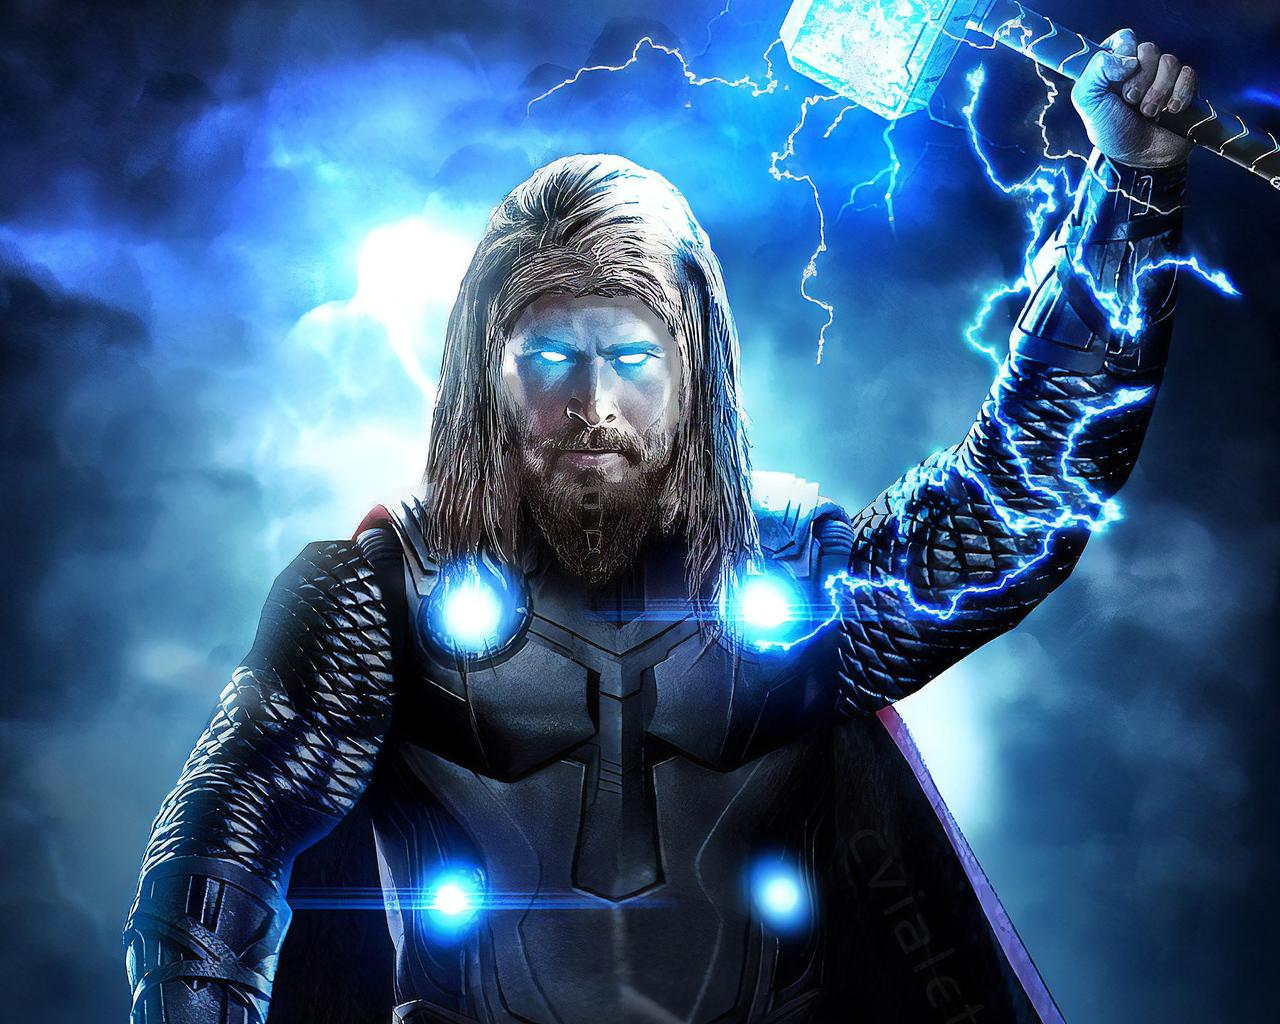 1280x1024 Thor Avengers Endgame Full Power 1280x1024 ...